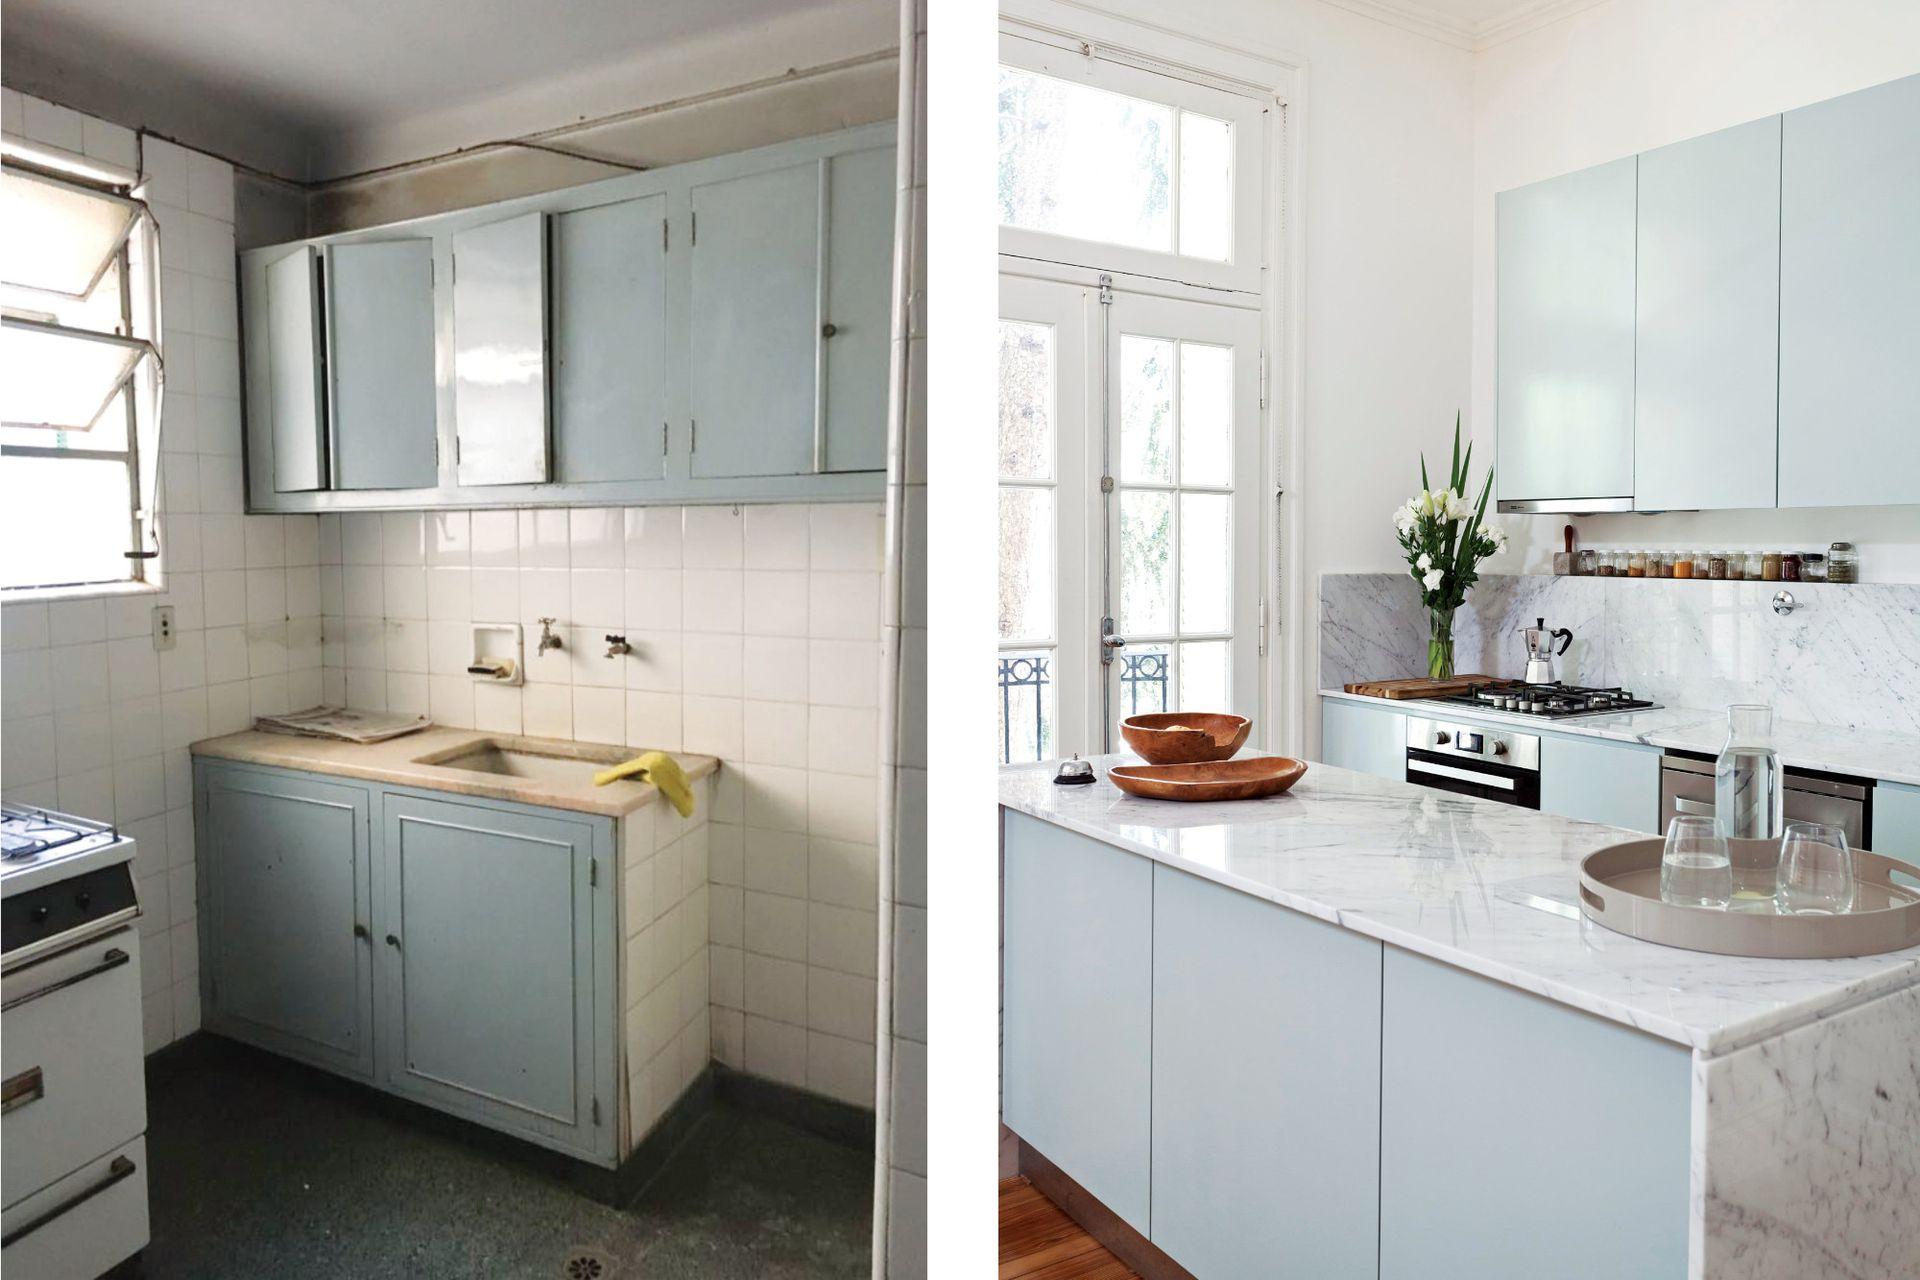 Los muebles de cocina (Estudio Trama) se pintaron con el tono 'Sea Salt' de Sherwin Williams. Con mesada de mármol de Carrara (Forte dei Marmi), la isla ofrece más lugar de trabajo y apoyo a la cocina, y contribuye a separar los ambientes.